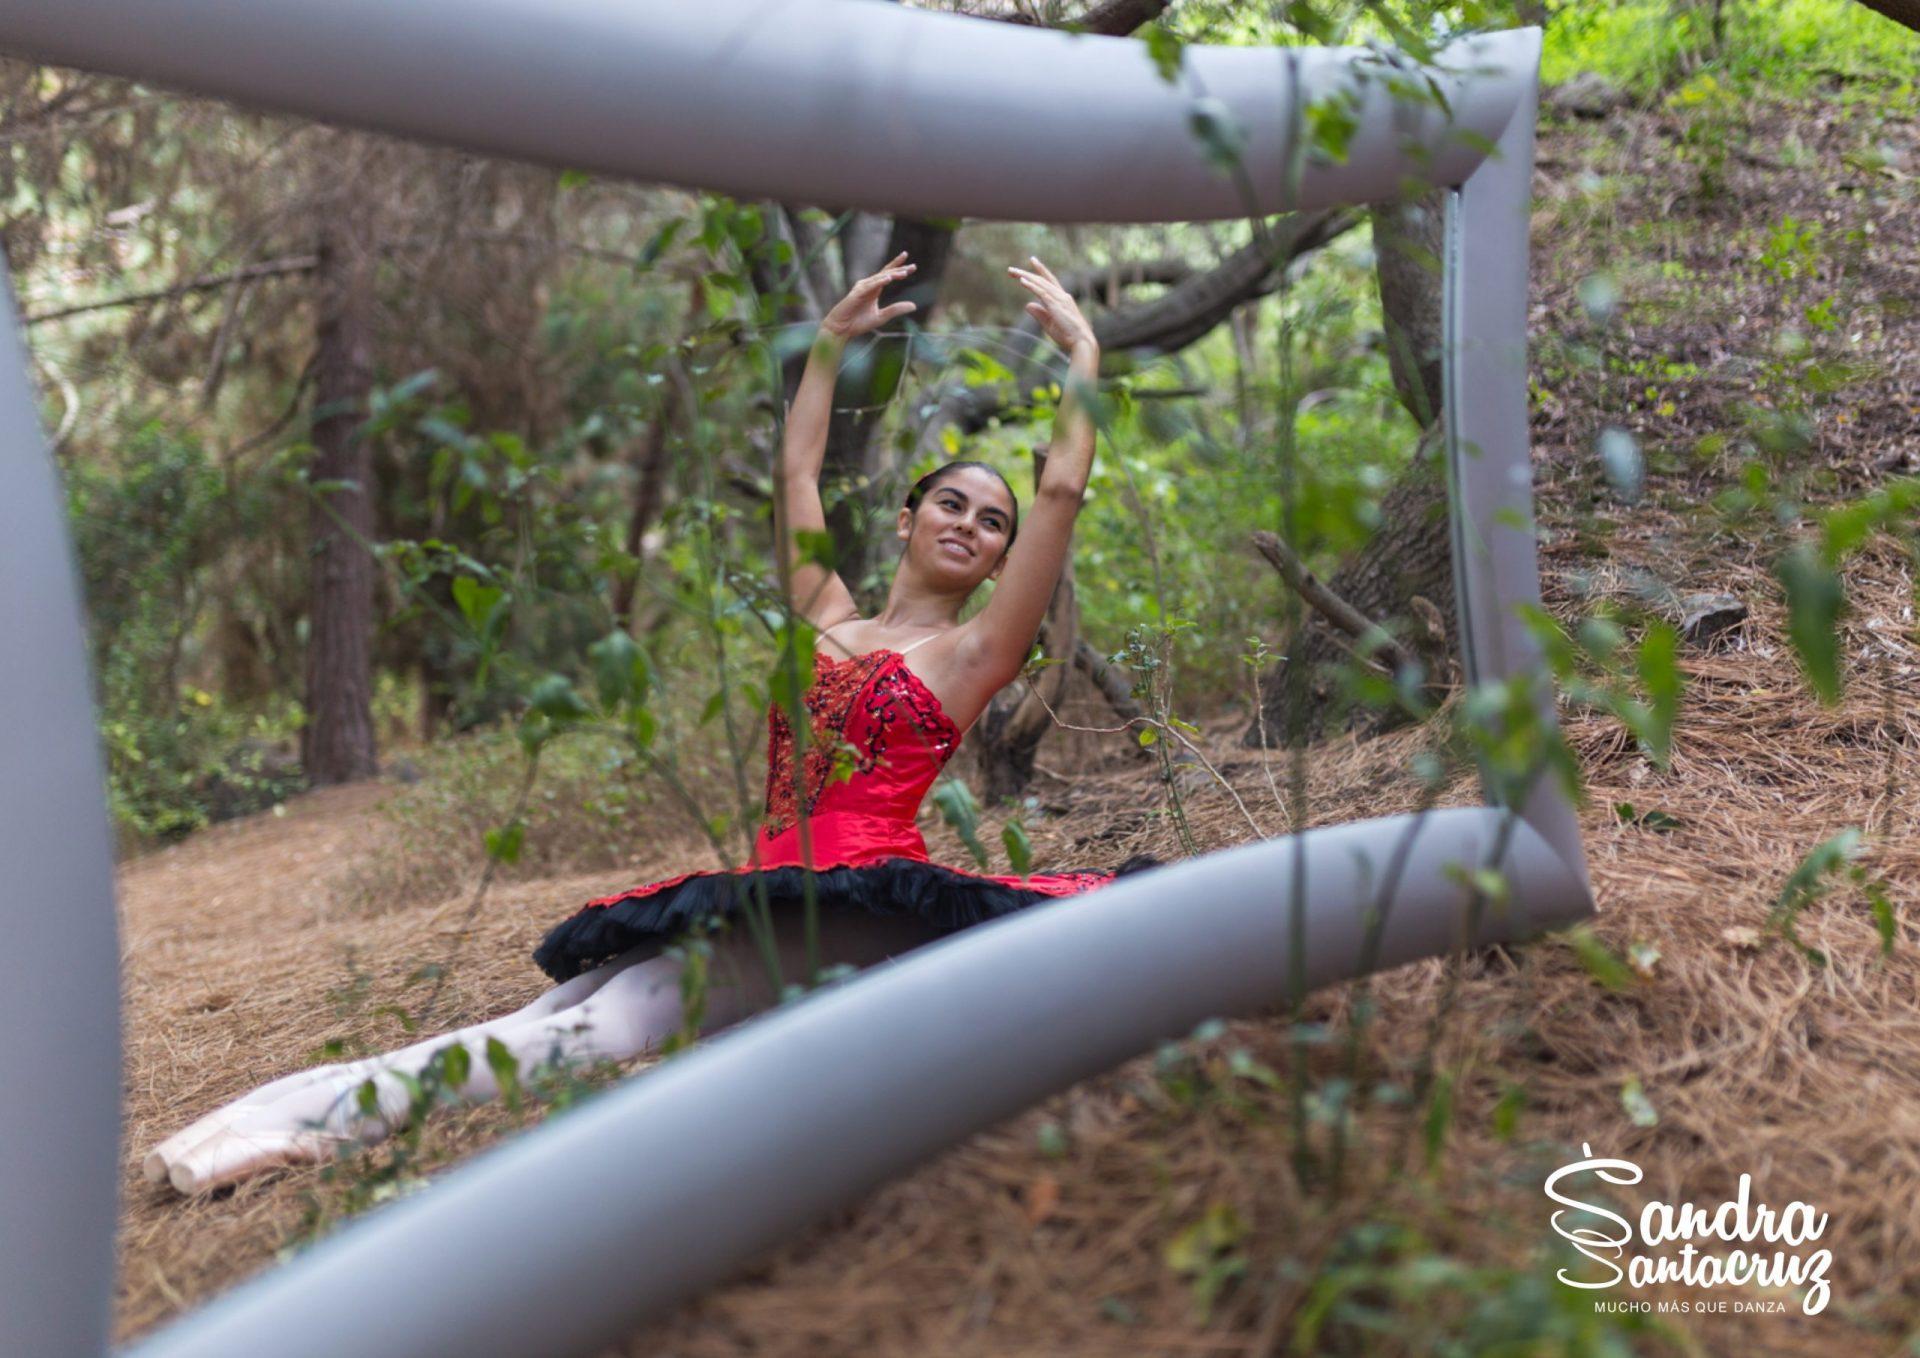 Foto de una bailarina del Centro de Danza Sandra Santa Cruz en el campo sentada con los pies estirados y haciendo un cambré ante un gran espejo. Tiene zapatillas de puntas y un espectacular tutú de plato en color rojo con adornos en negro, para explicar que el trabajo en el Centro es: Muchomasquedanza. Fotografía Ethel Bartrán.